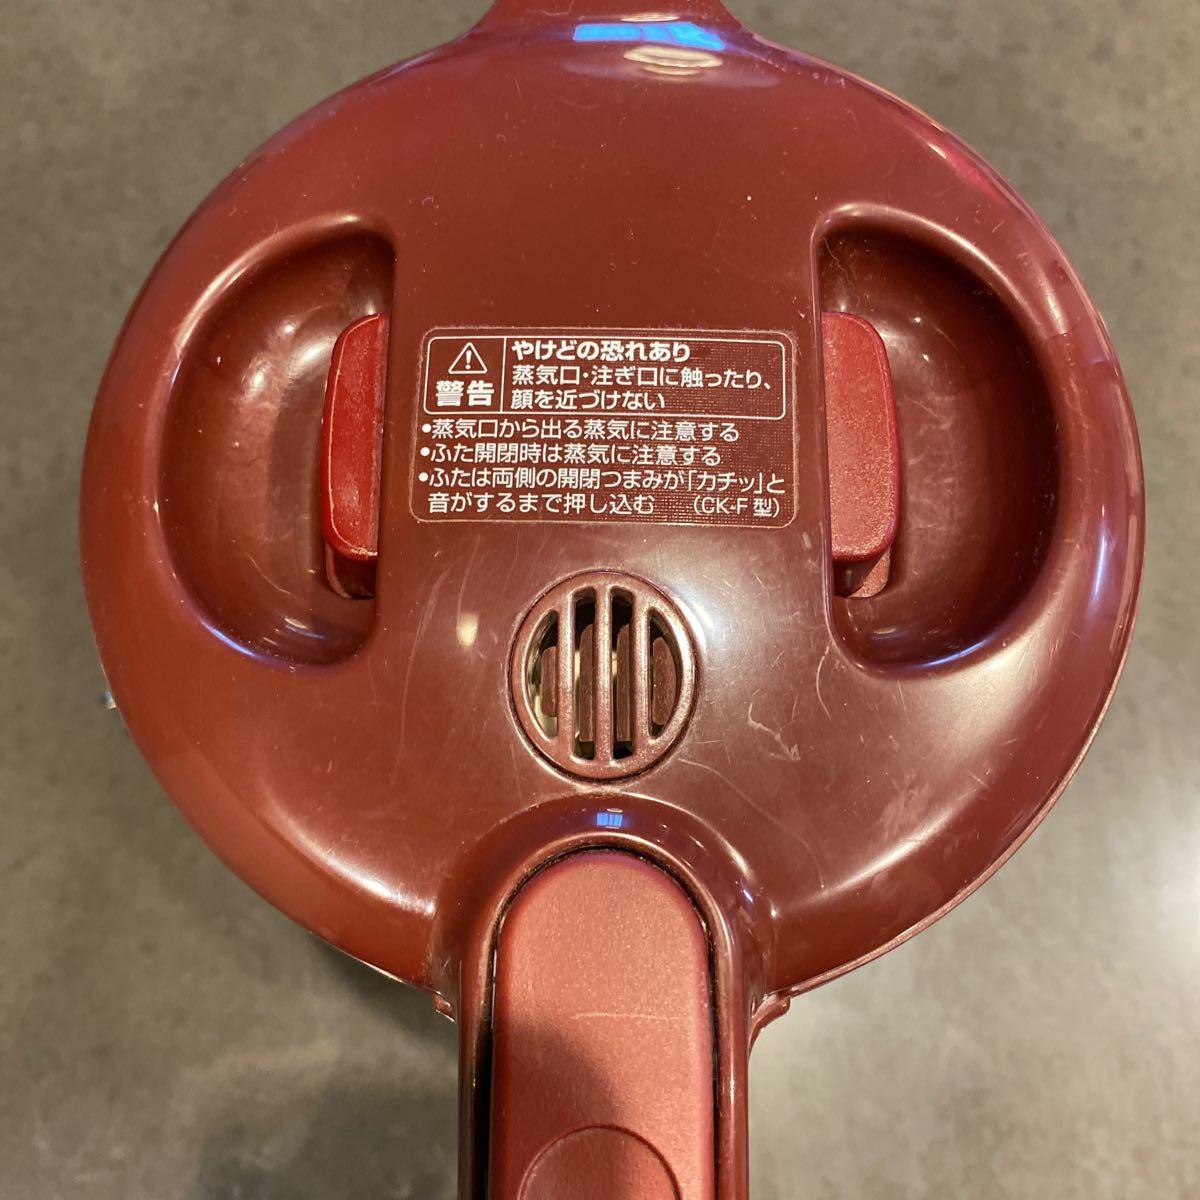 電気ケトル 象印